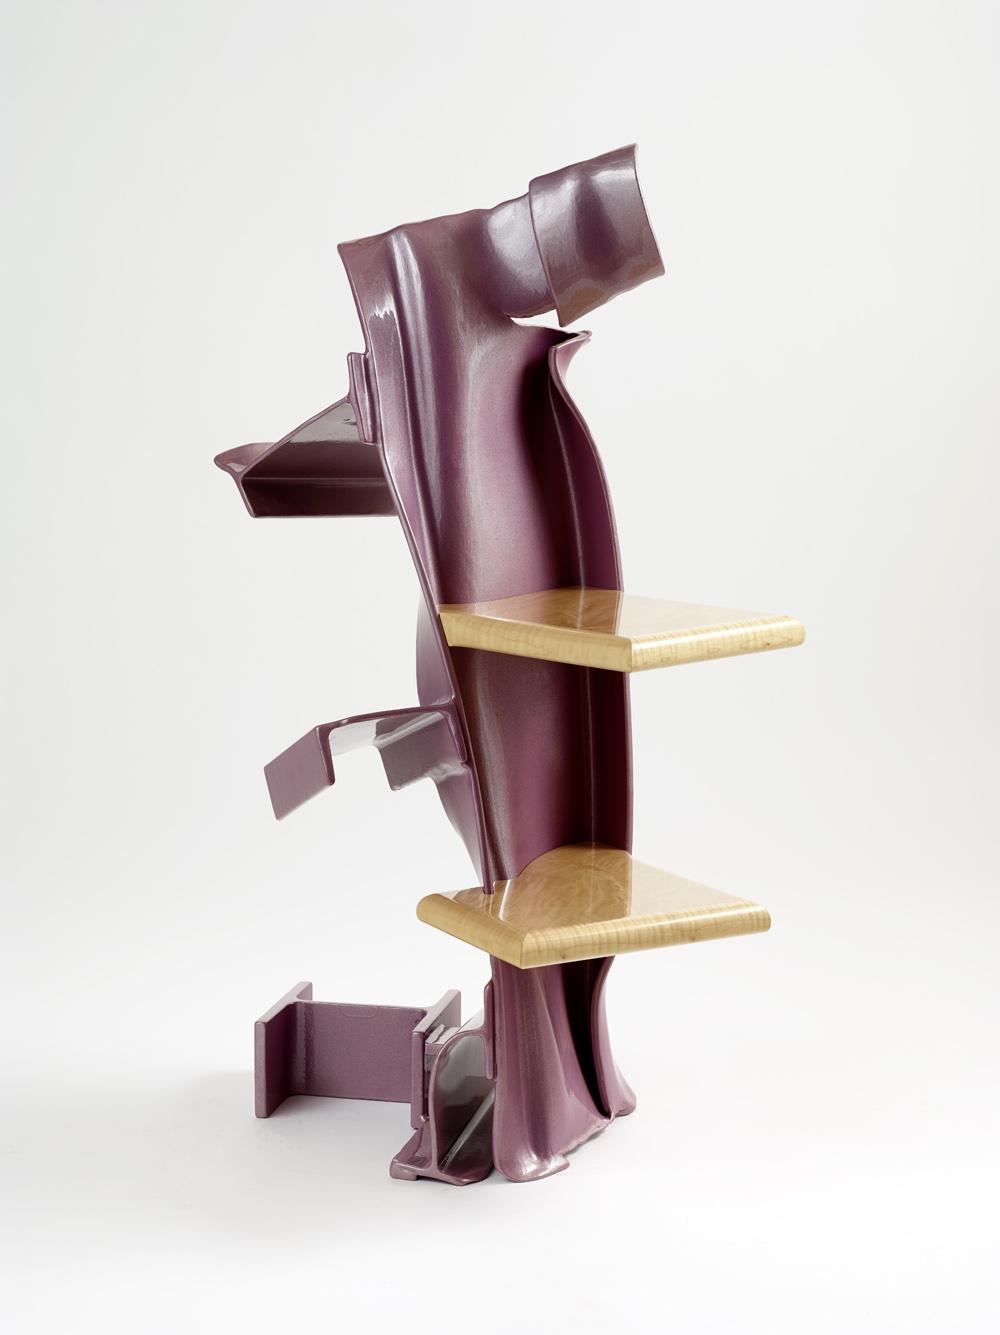 Philippe Bresson 2014, sellette, dim. 0,40 x 0,45 x 1,10 m